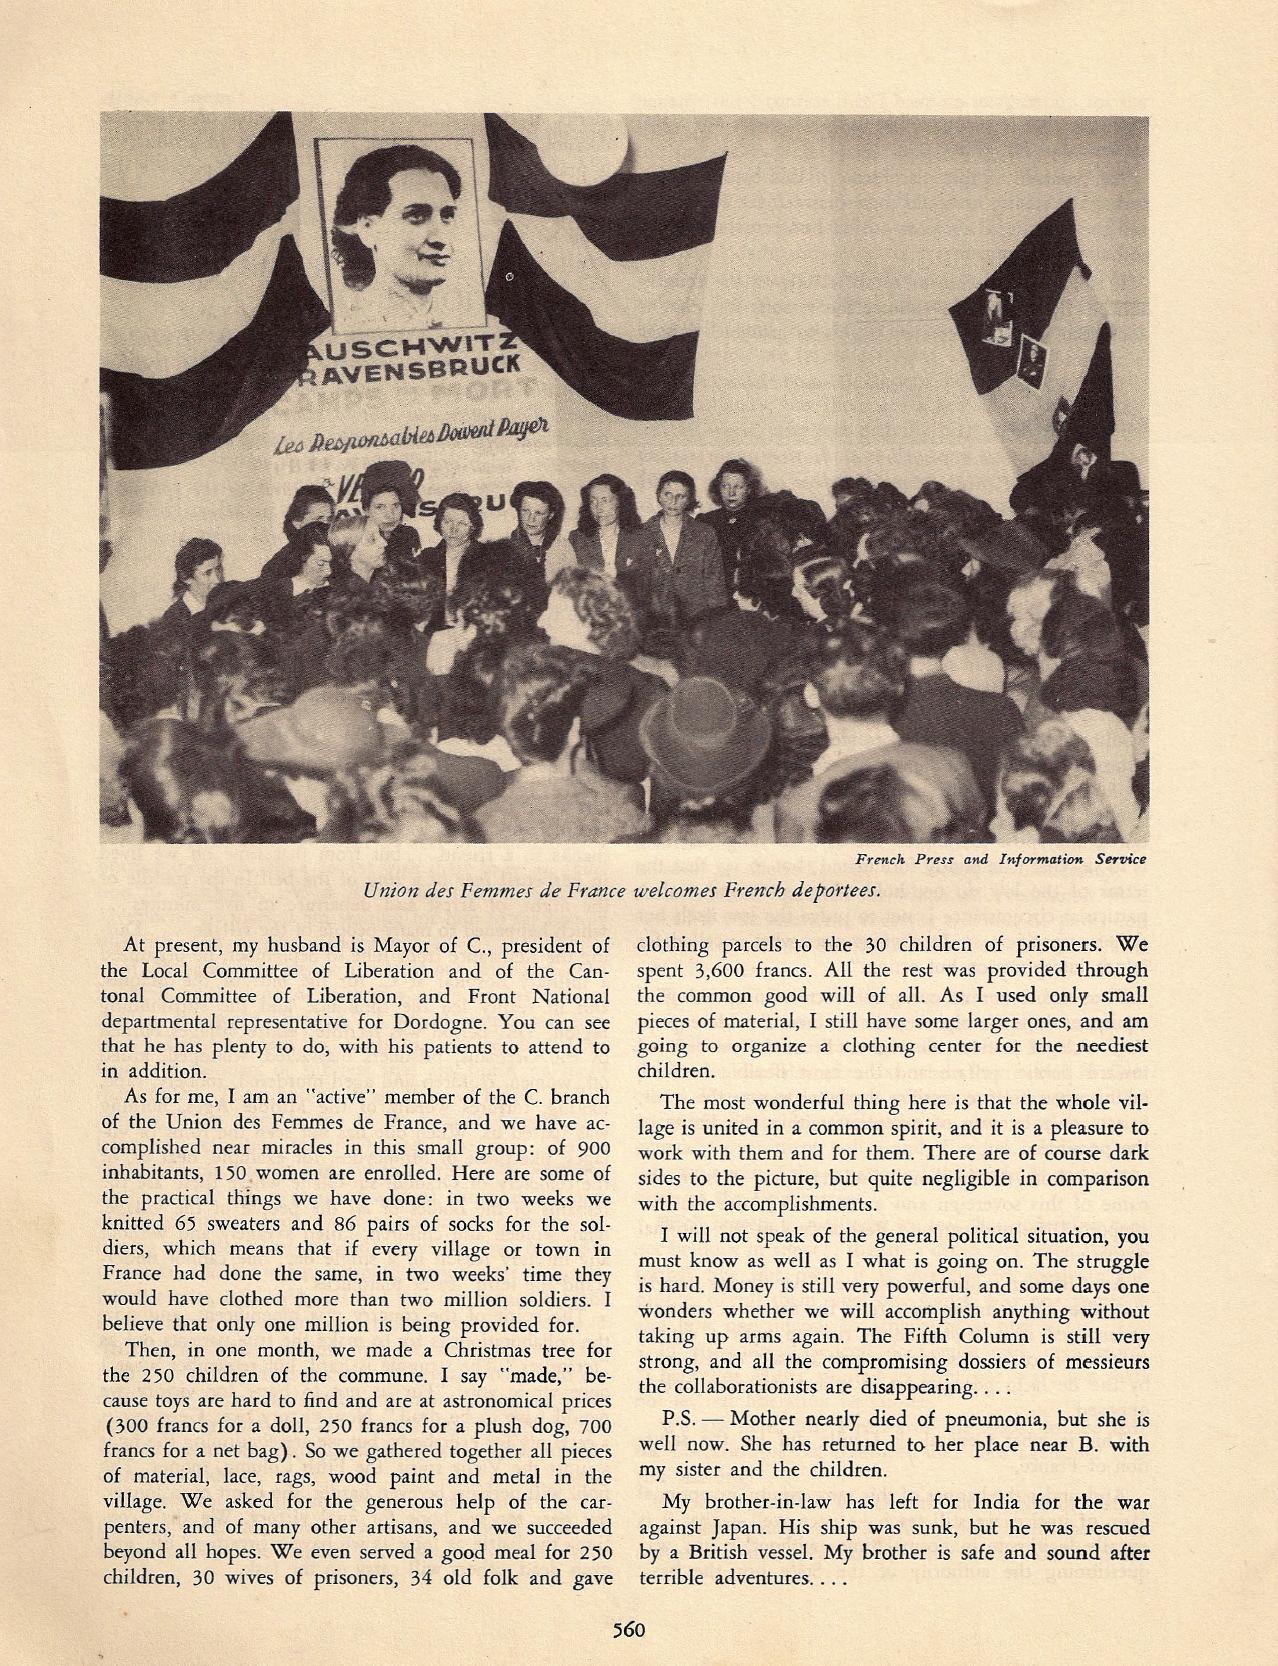 Le rôle de l'Union des femmes de France